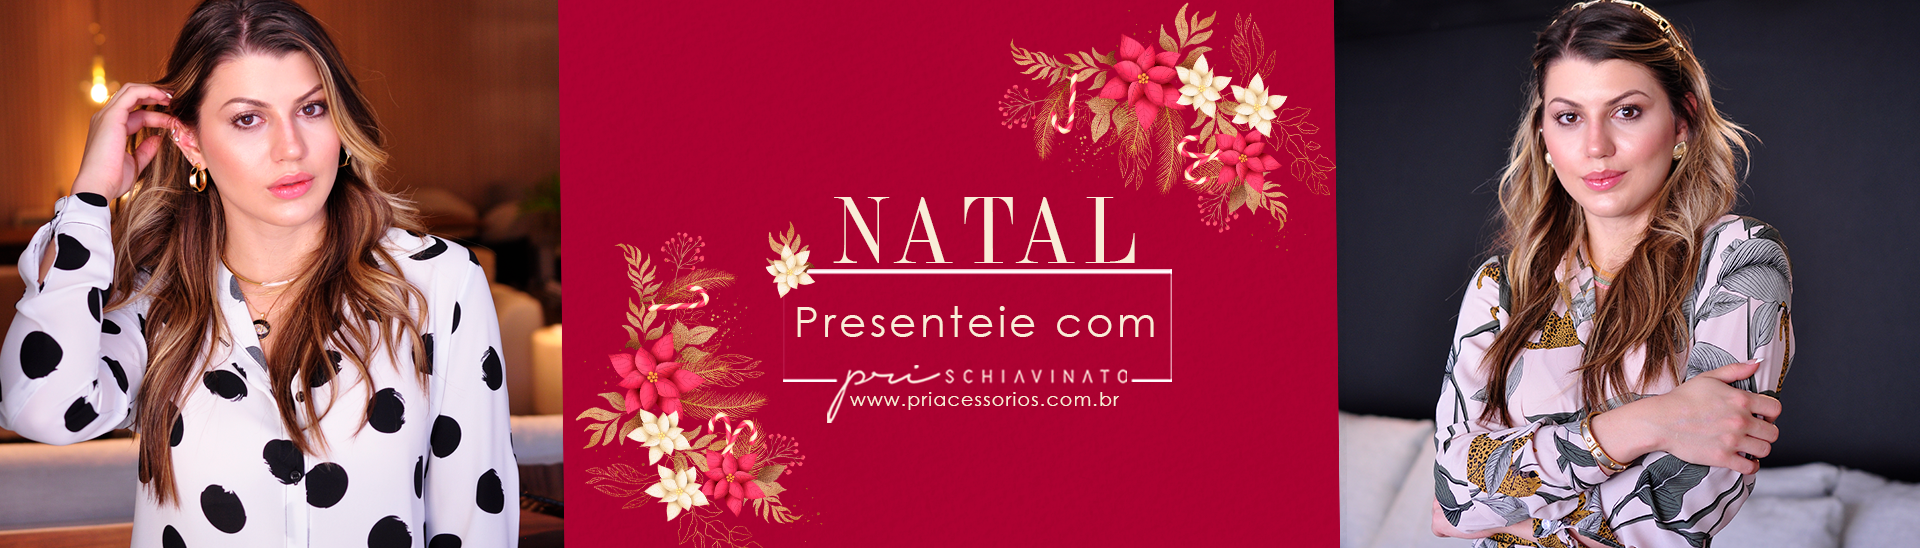 banner natal desk